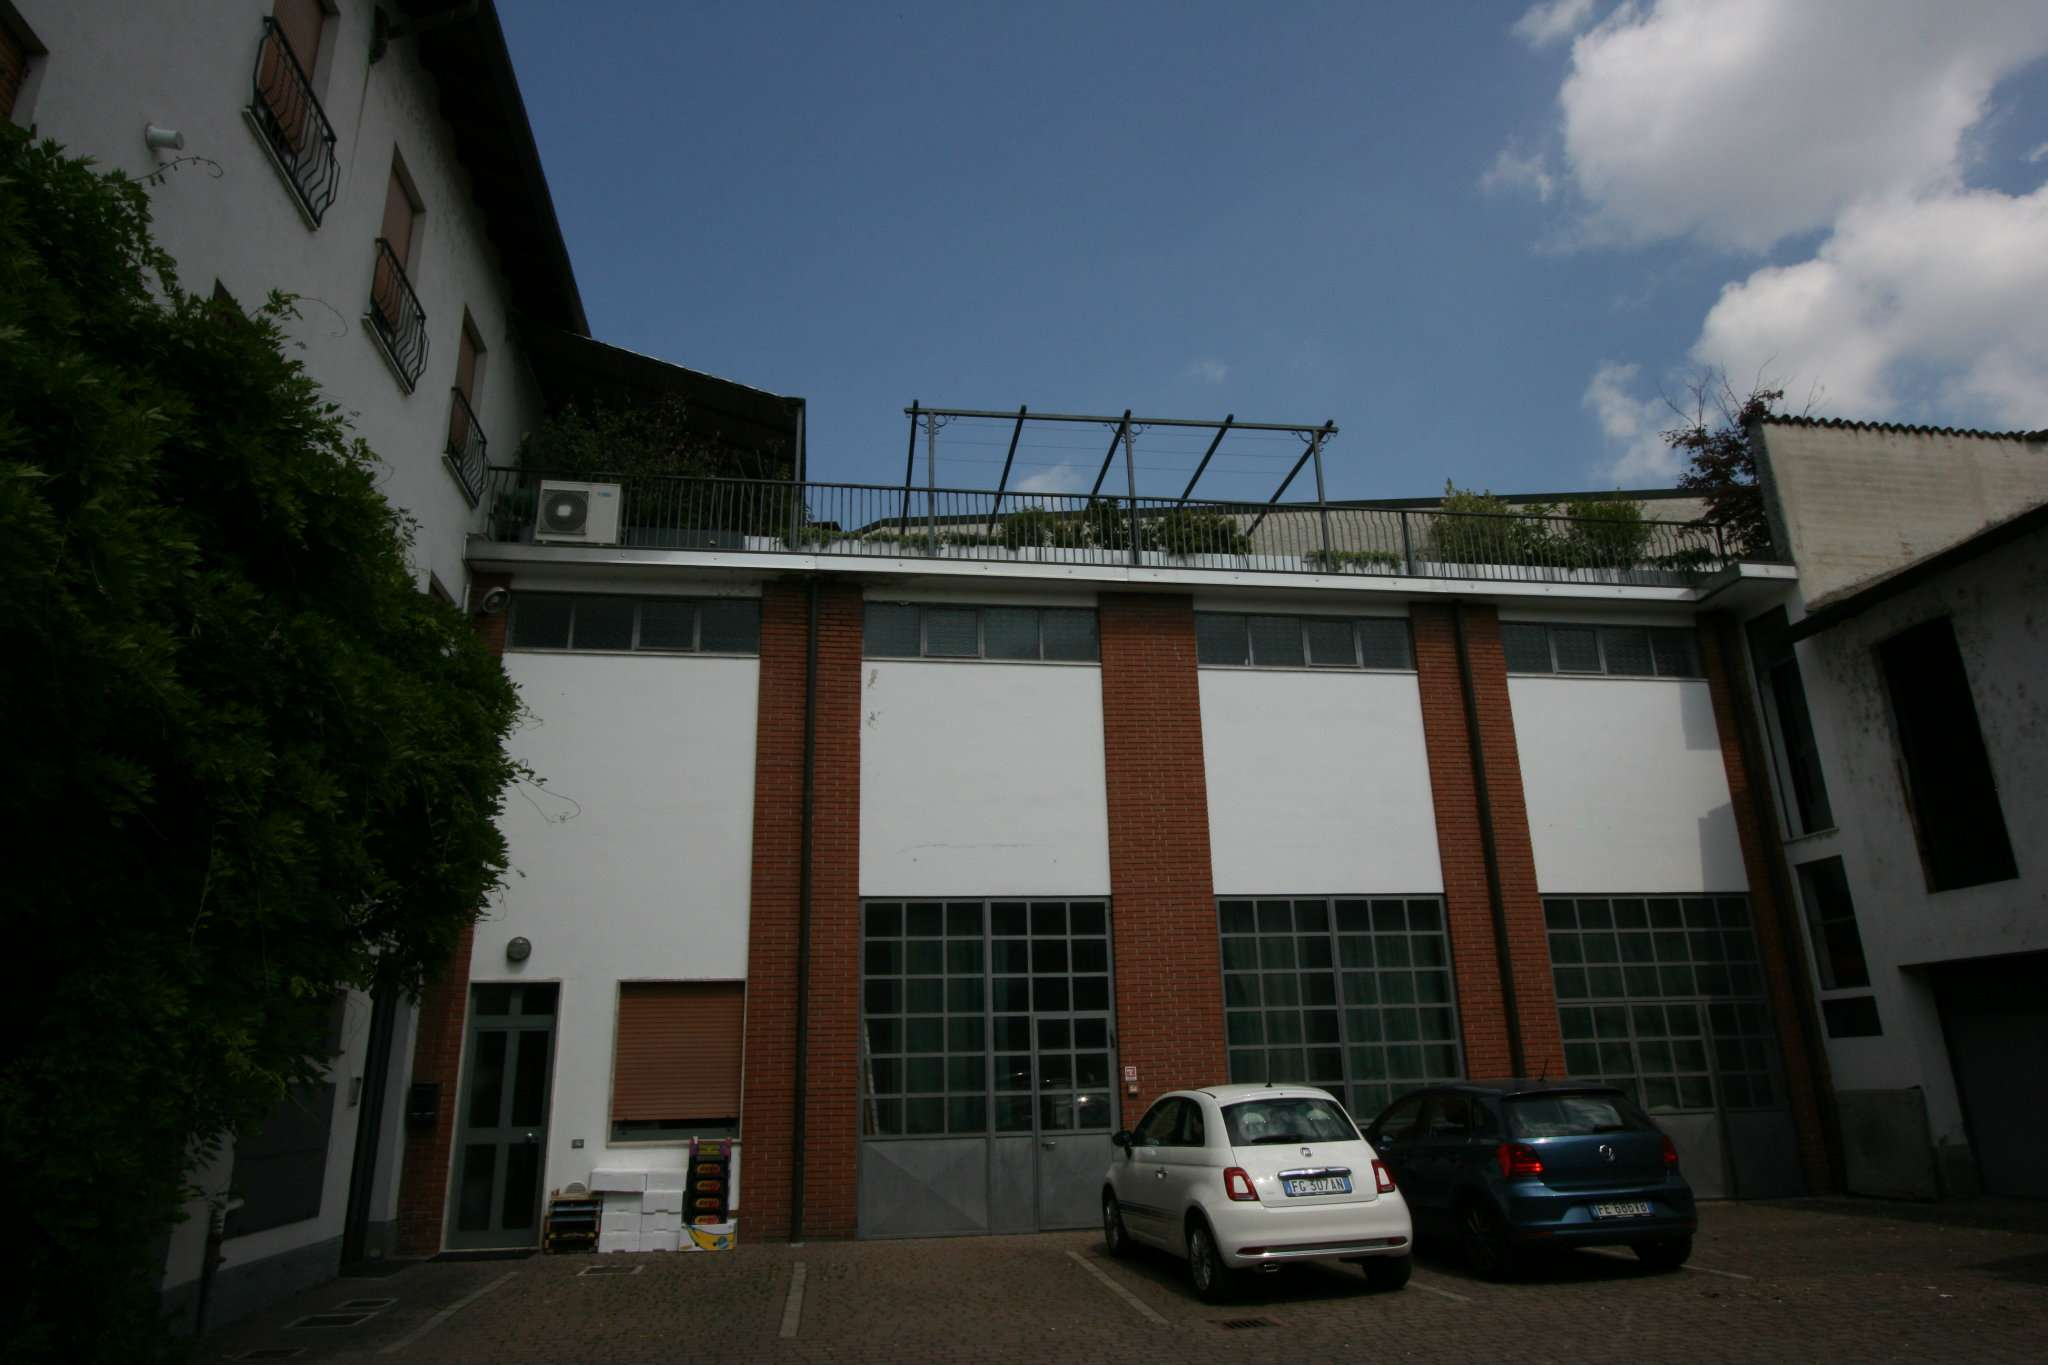 Negozio / Locale in vendita a Motta Visconti, 1 locali, prezzo € 84.000 | CambioCasa.it